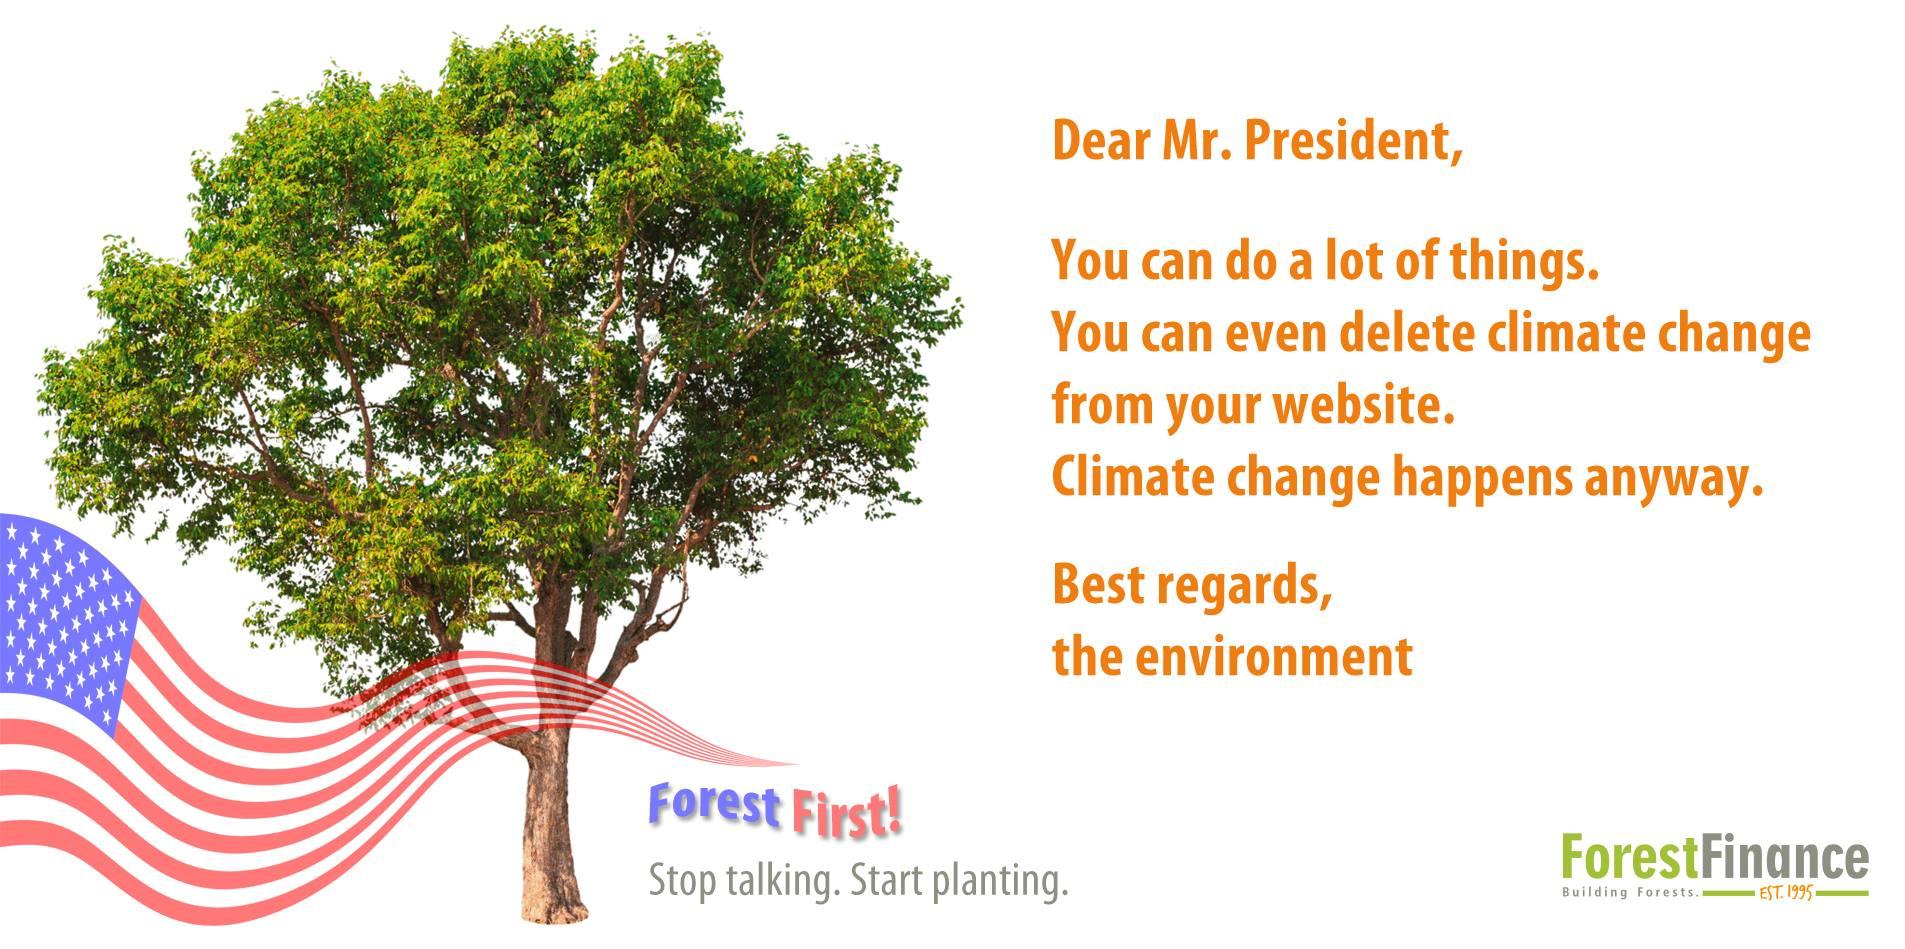 Das Klima wandelt sich - ob US-Präsident Donald Trump es wahrhaben möchte oder nicht. Bild: ForestFinance